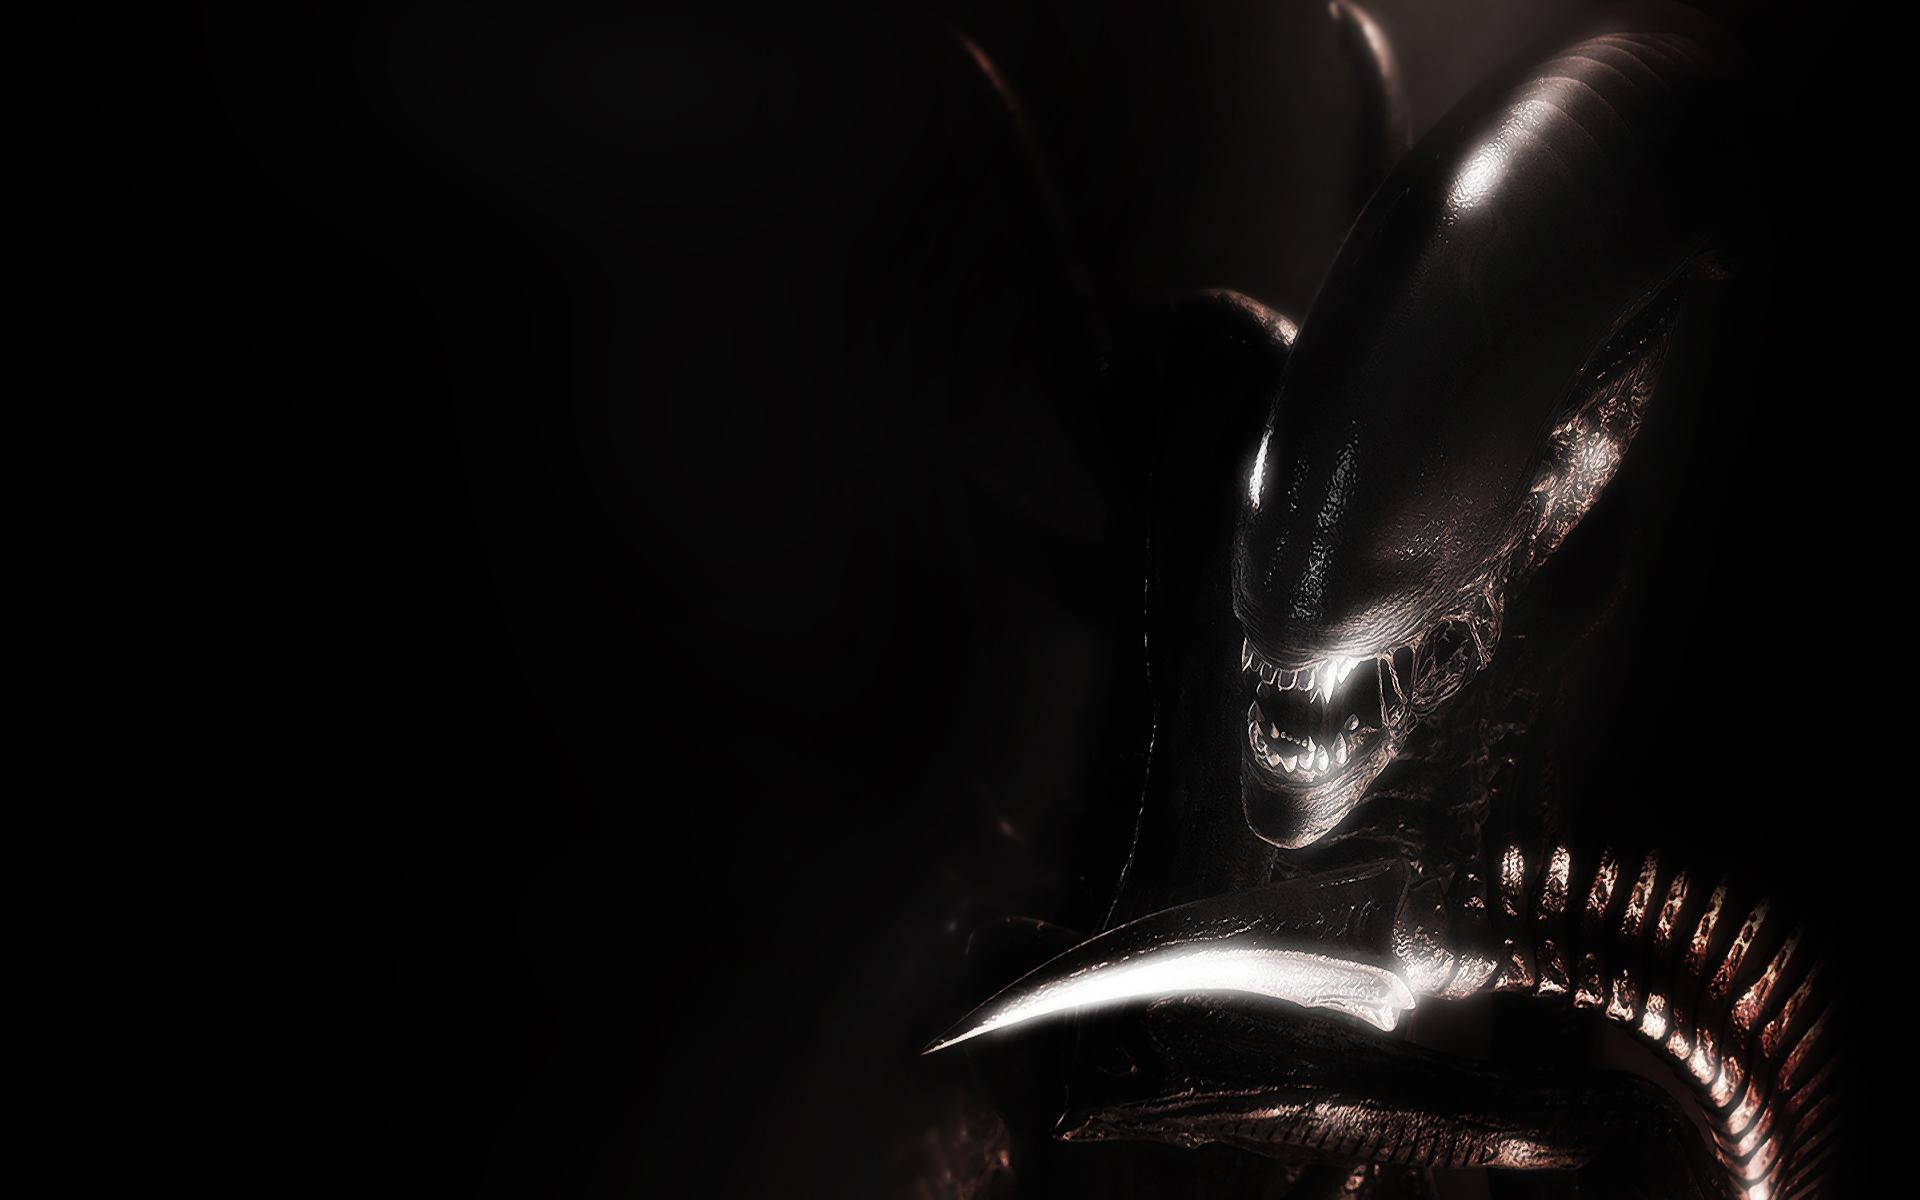 bgd aliens alienjpg 1920x1200